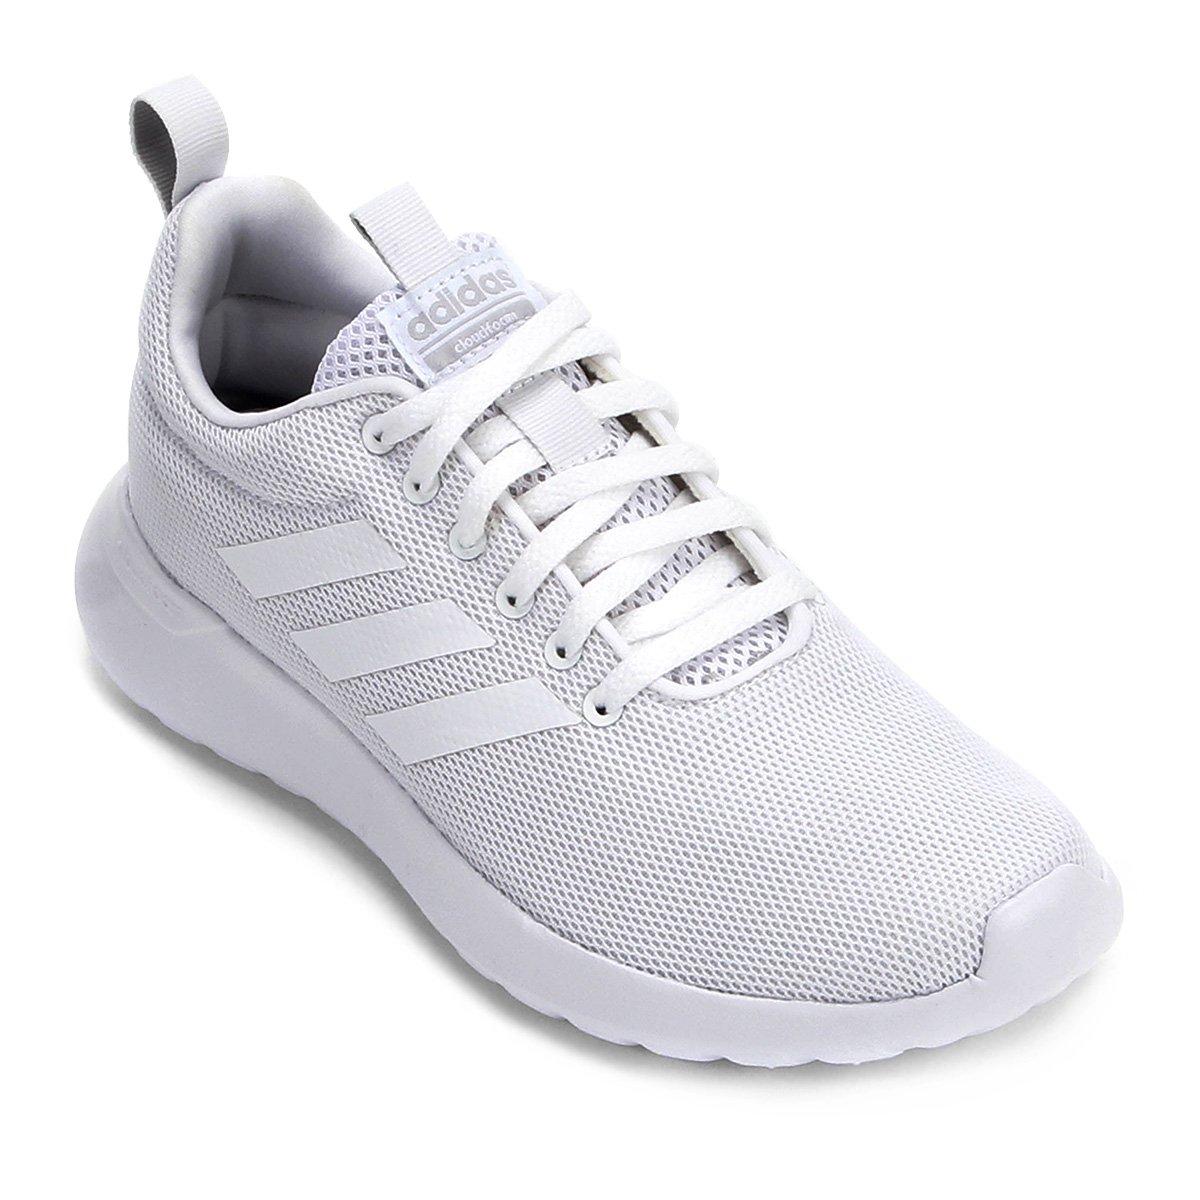 8ae4bd06a Tênis Adidas Lite Racer Cln Feminino - Compre Agora